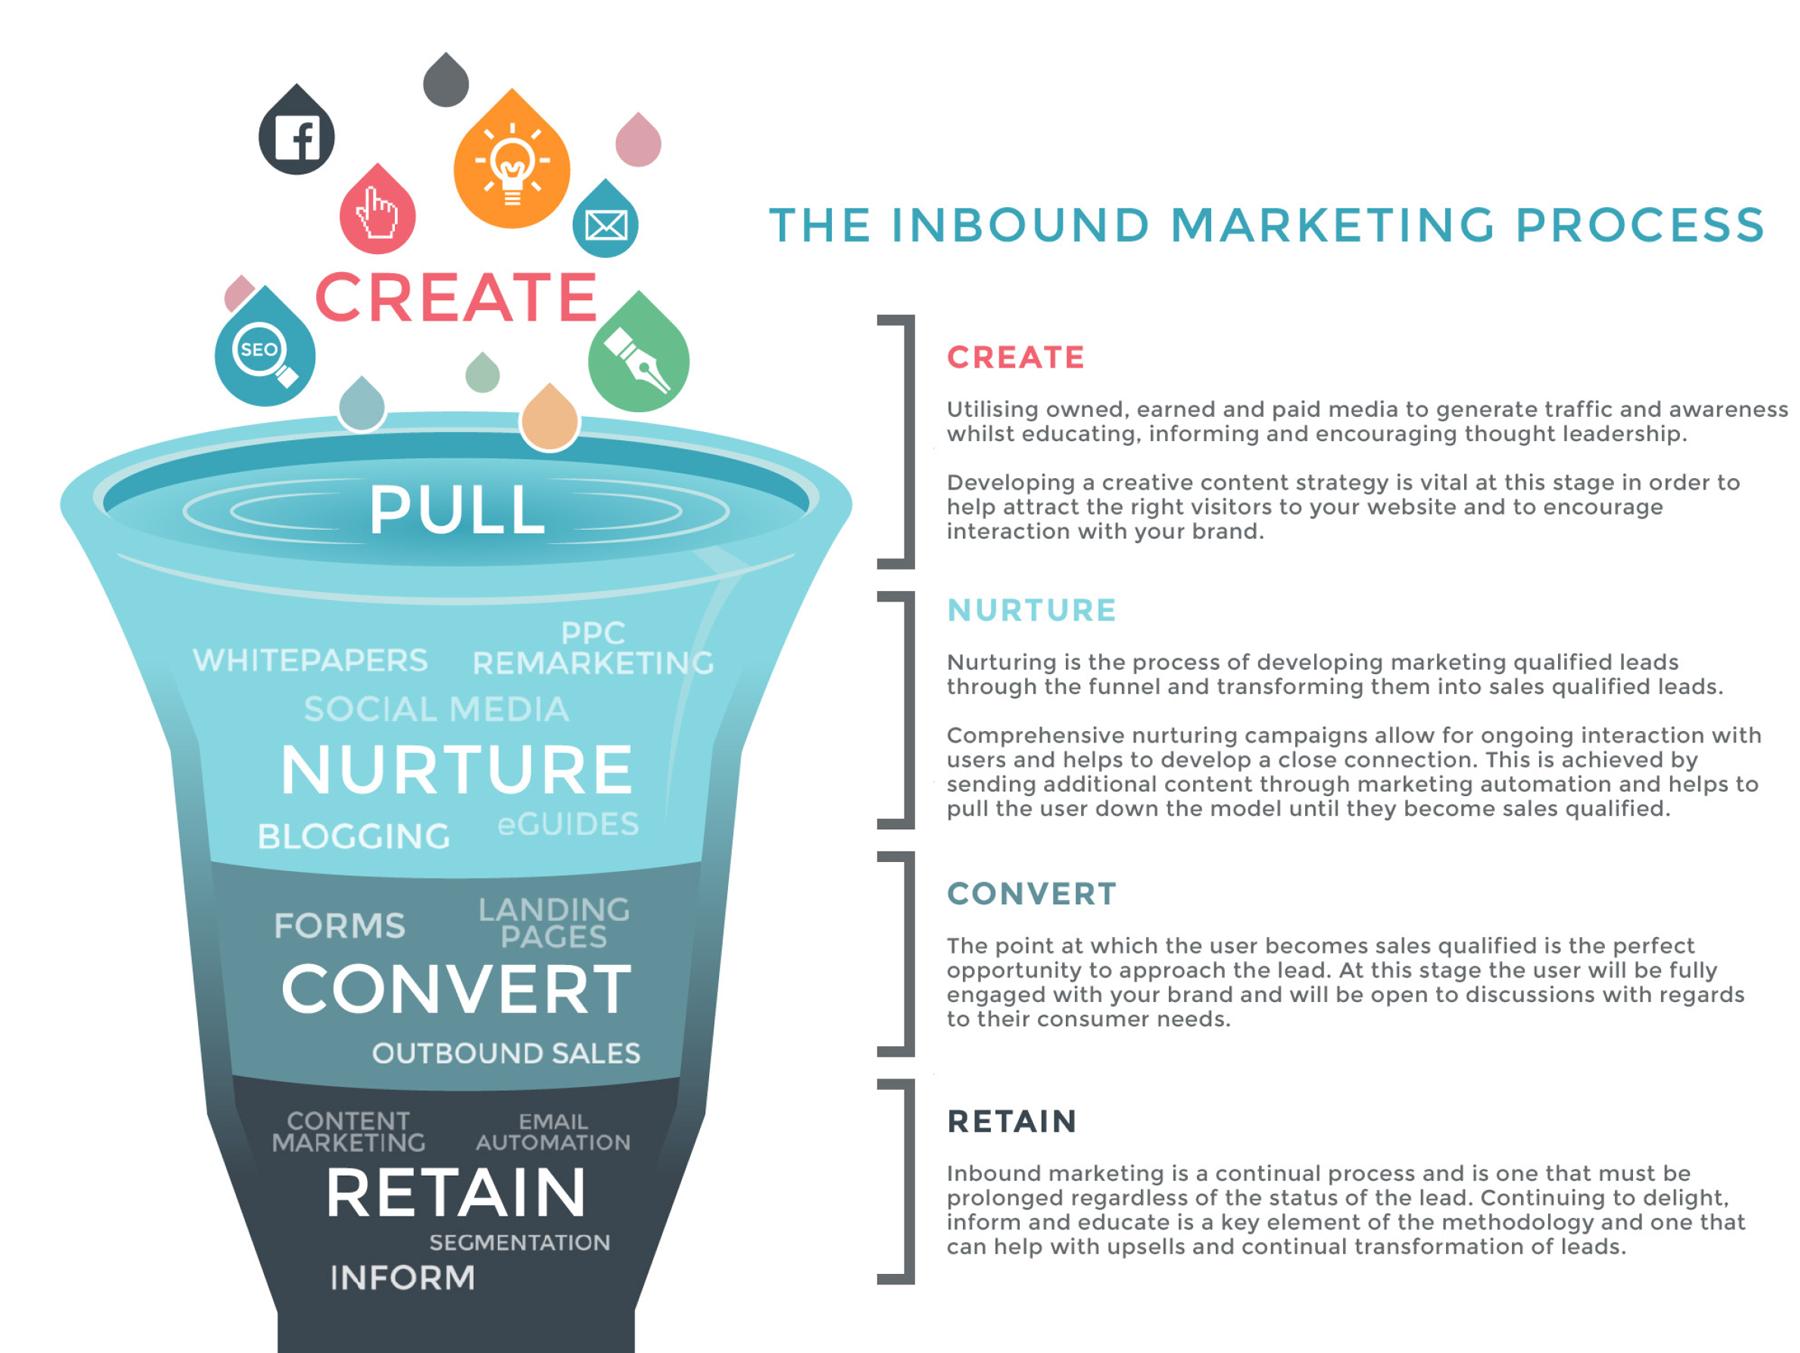 Our Inbound Marketing Process